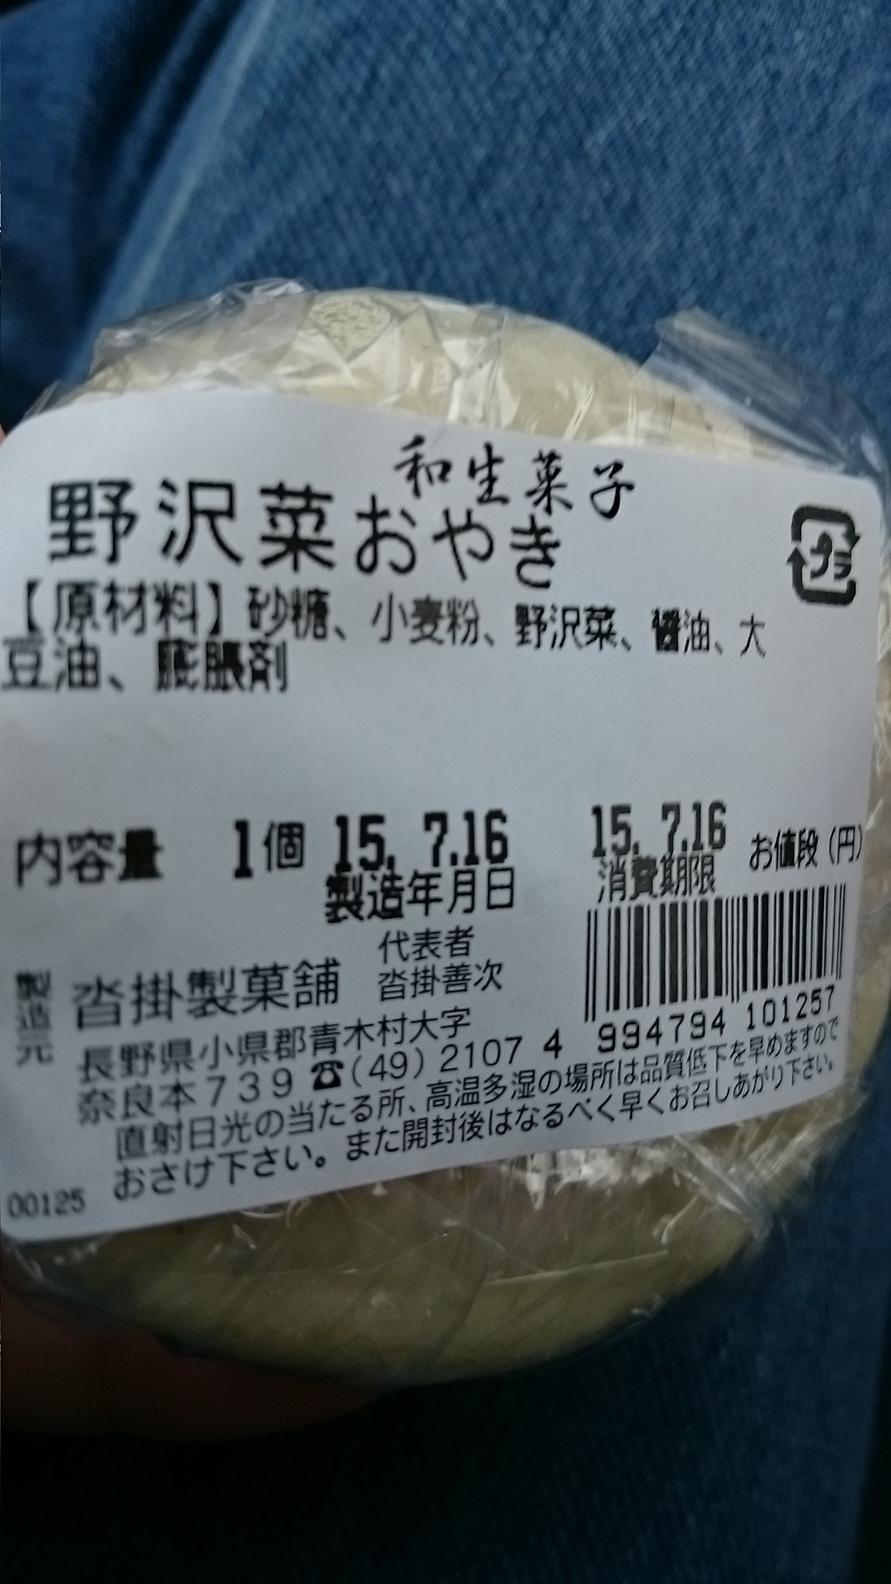 沓掛製菓舗 name=